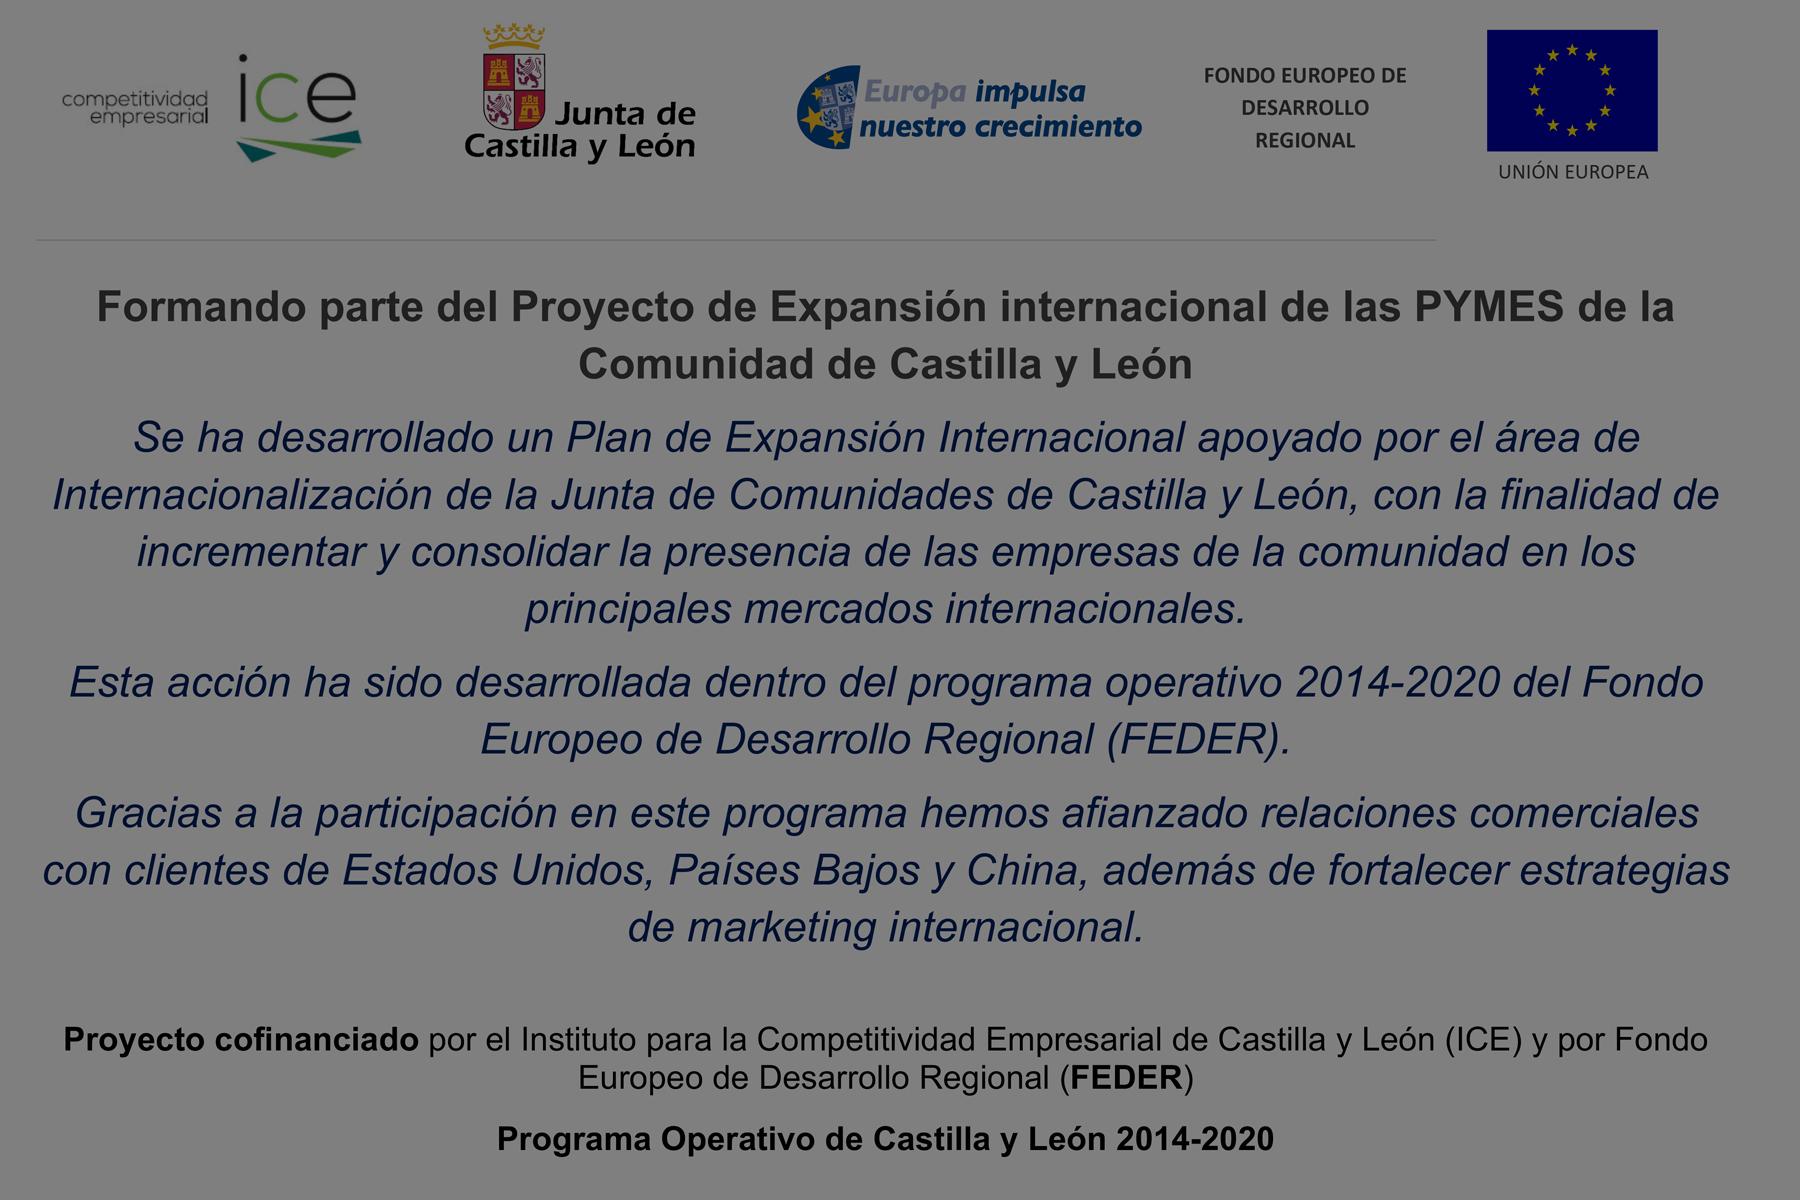 Proyecto de Expansión internacional de las PYMES de la Comunidad de Castilla y León